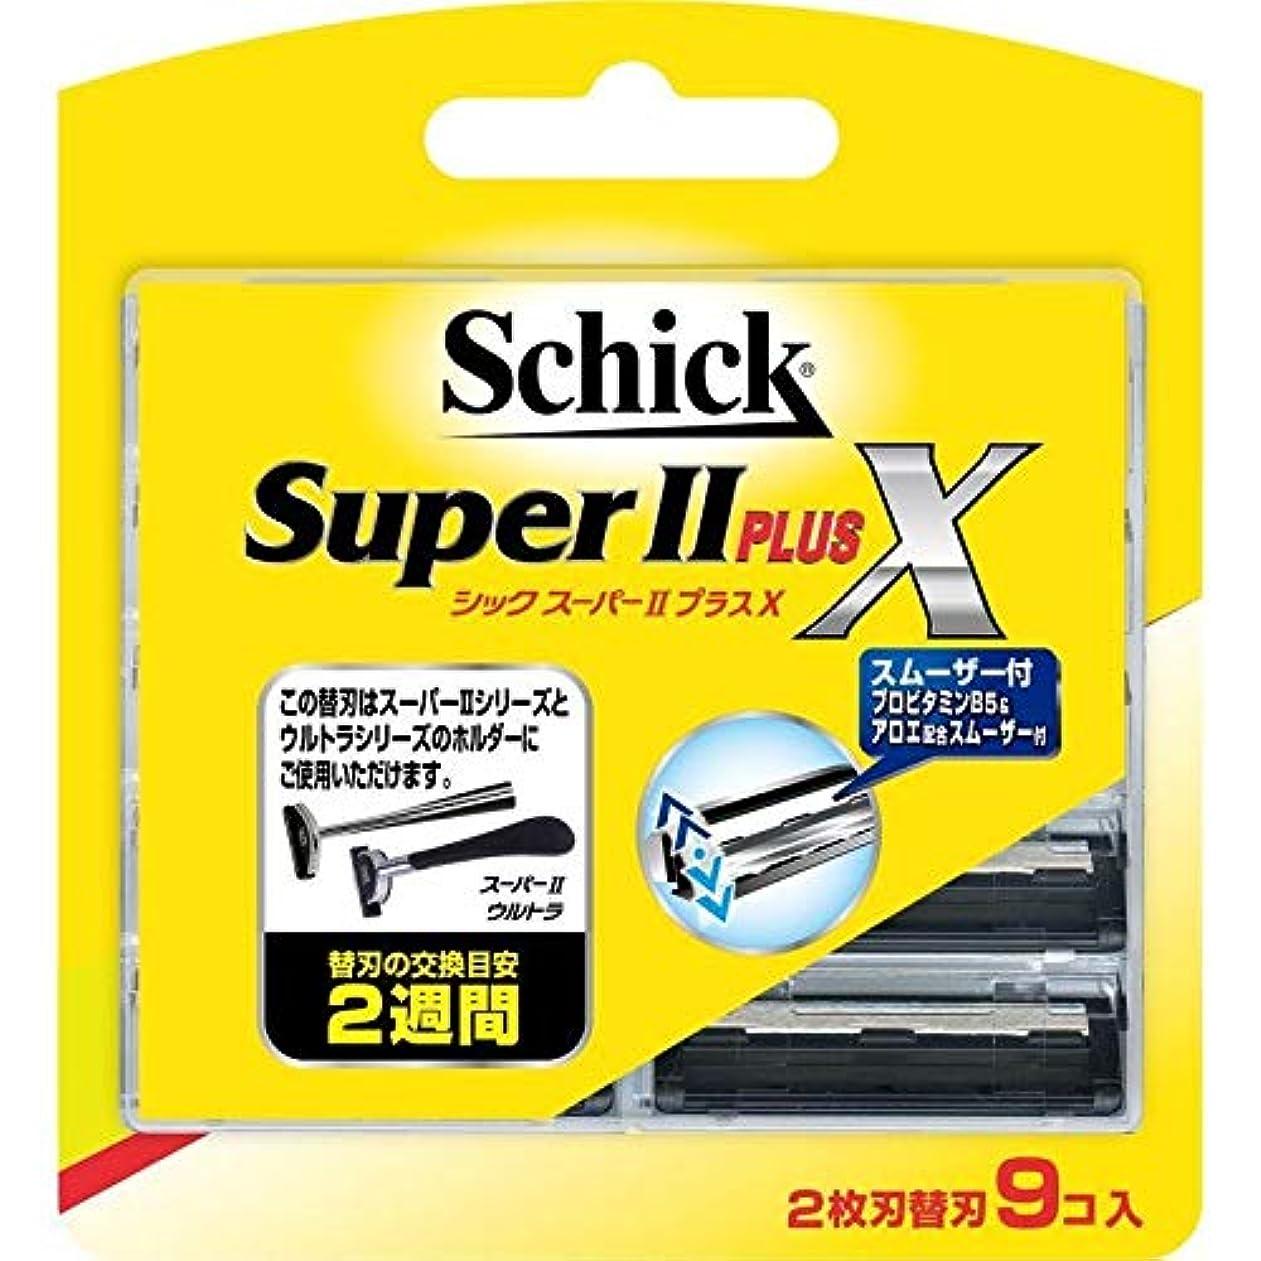 自分自身自分自身目に見えるシック スーパー2プラスX 替刃 (9コ入) 男性用カミソリ 3個セット